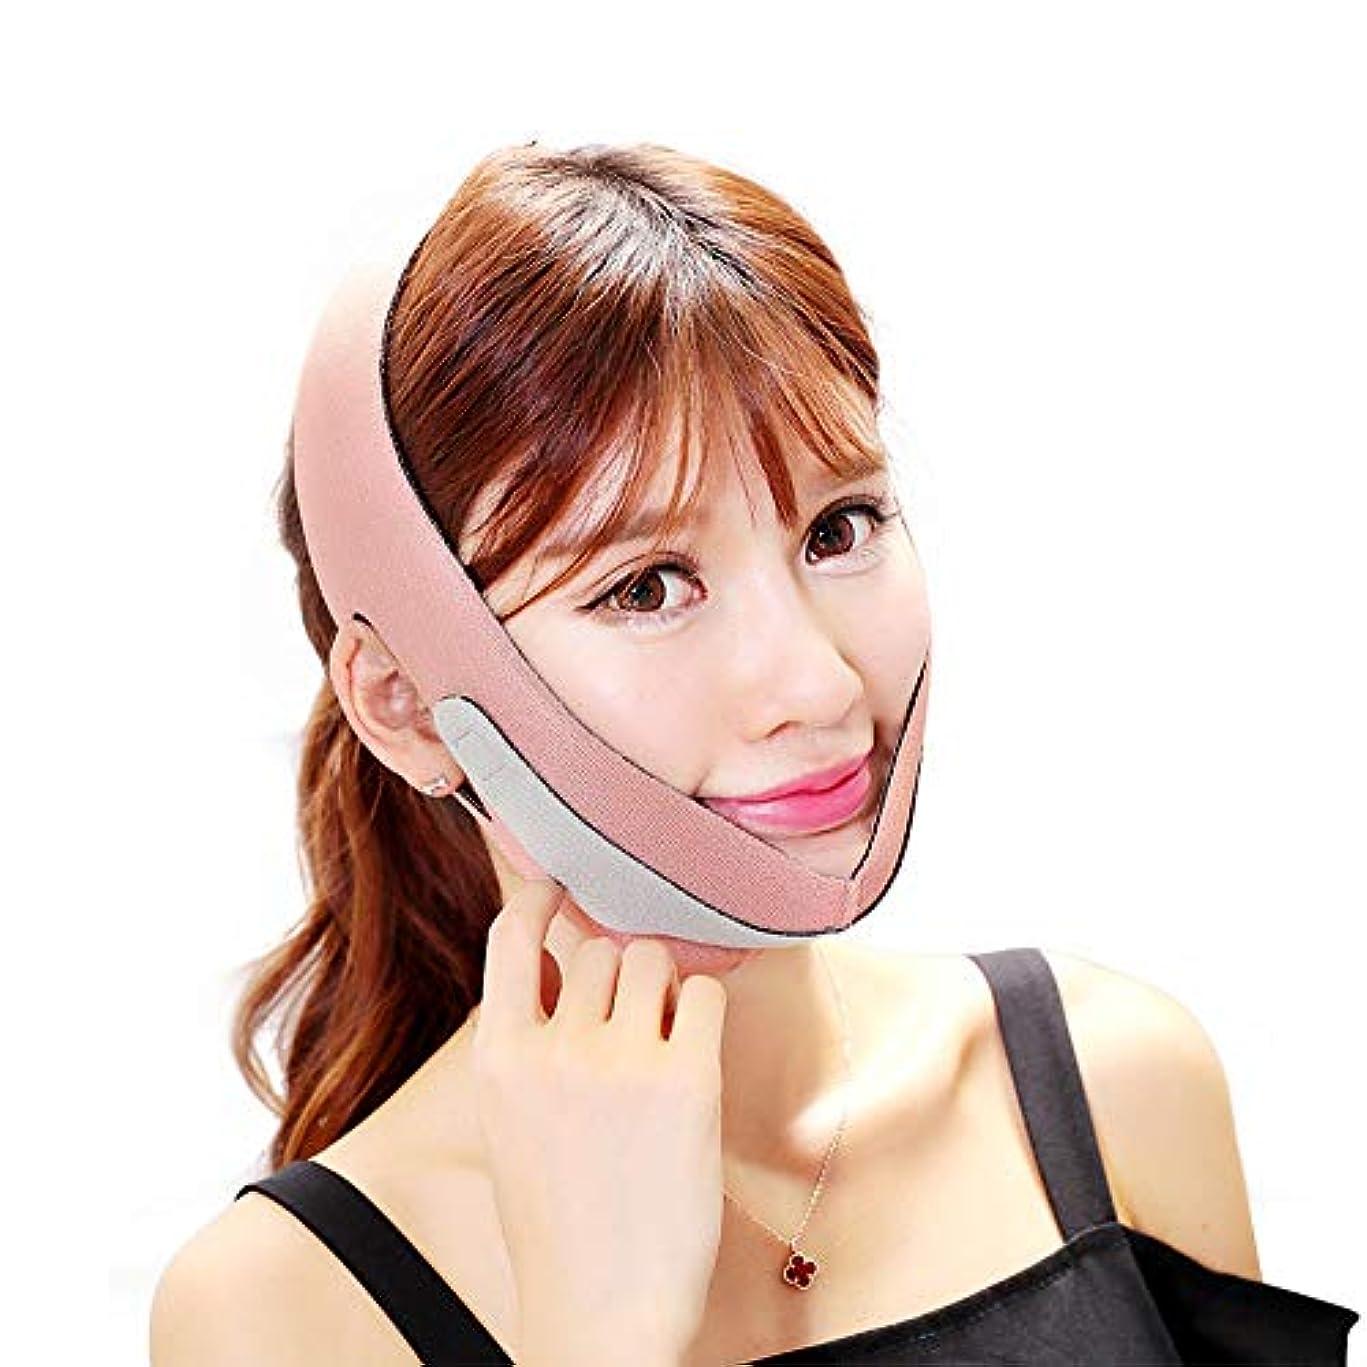 確保するばかげた硬さ【Maveni】小顔 ベルト 美顔 顔痩せ 最新型 リフトアップベルト フェイスマスク メンズ レディース